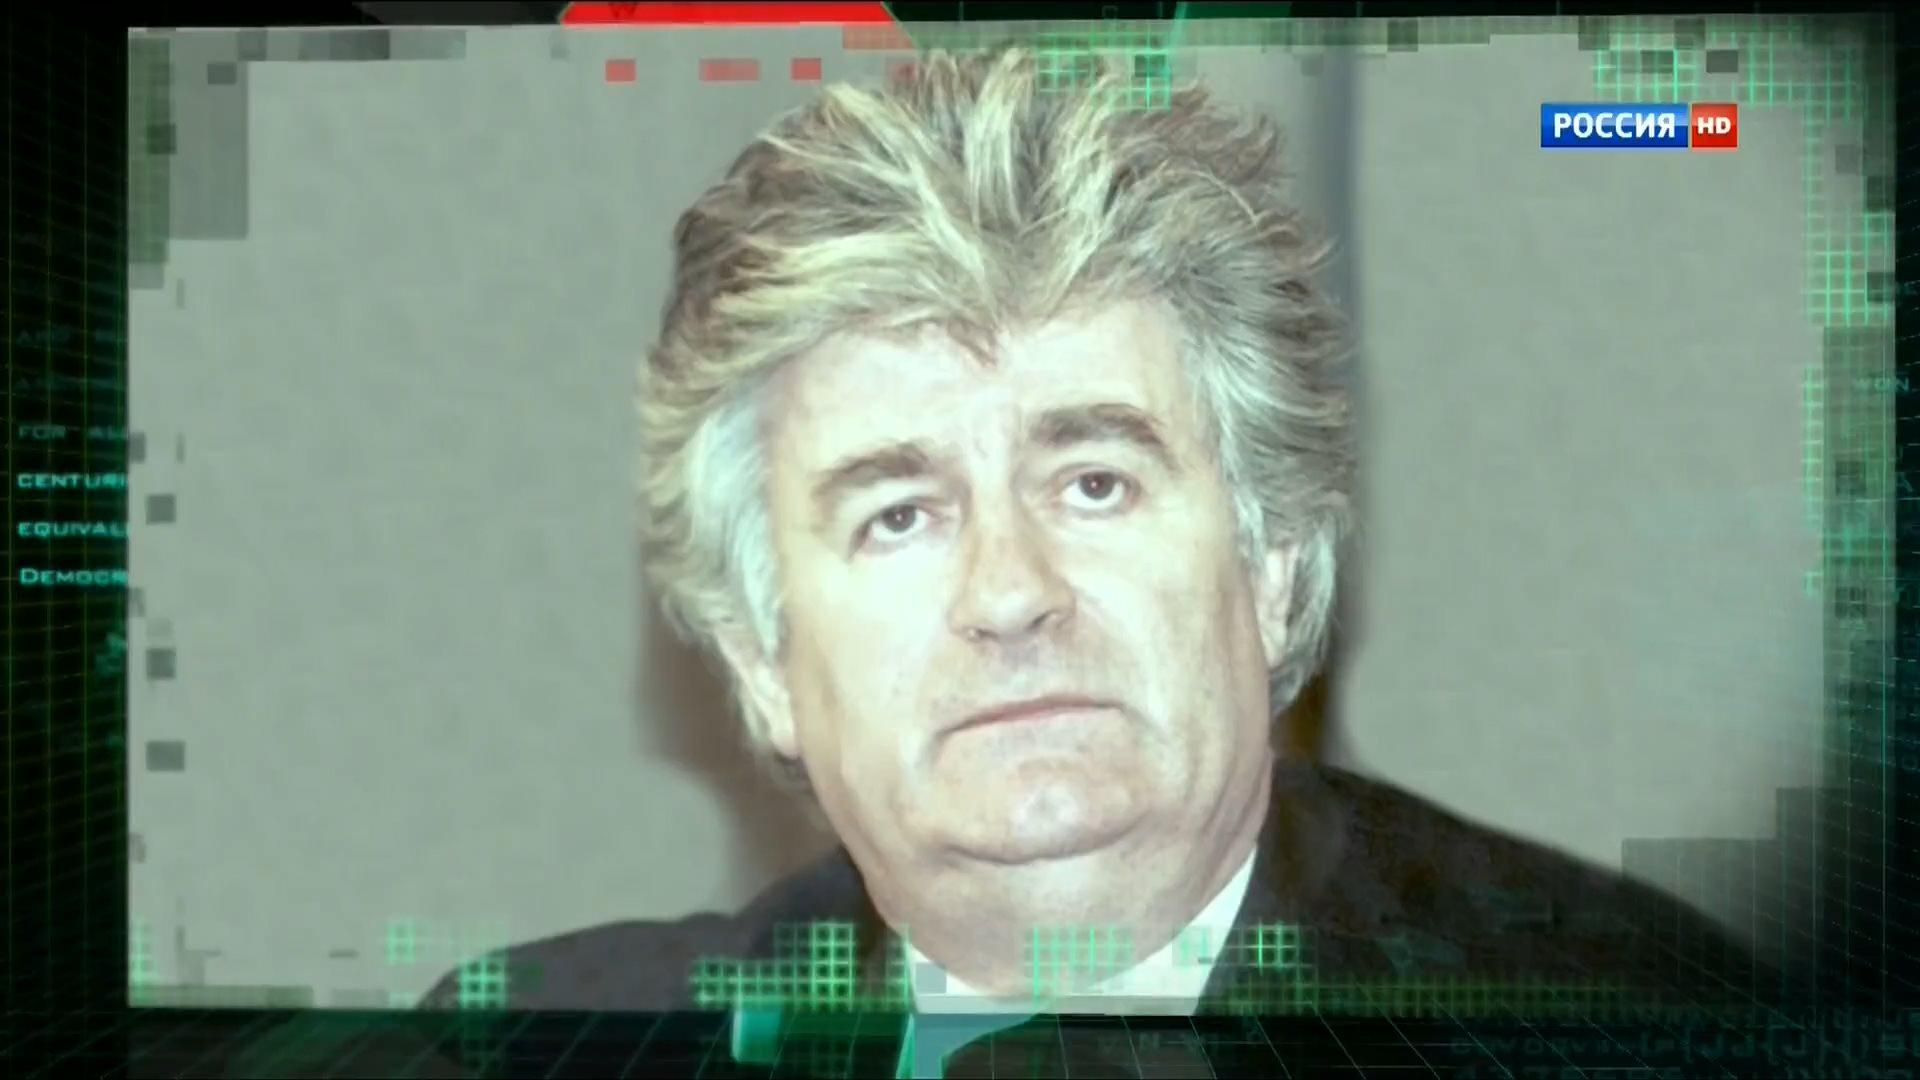 Страшный суд (2014) HDTV 1080i